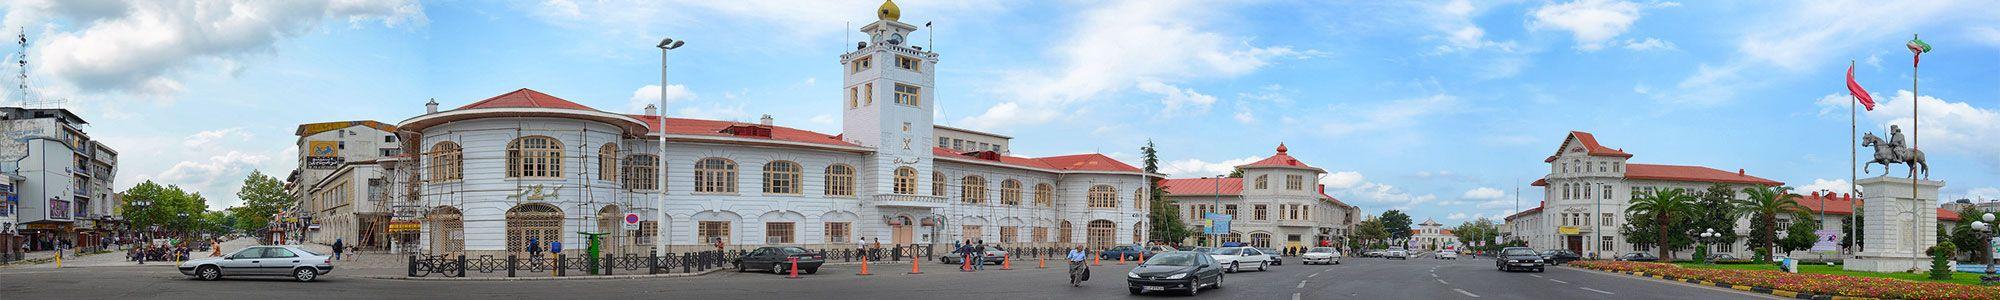 Rasht municipality building